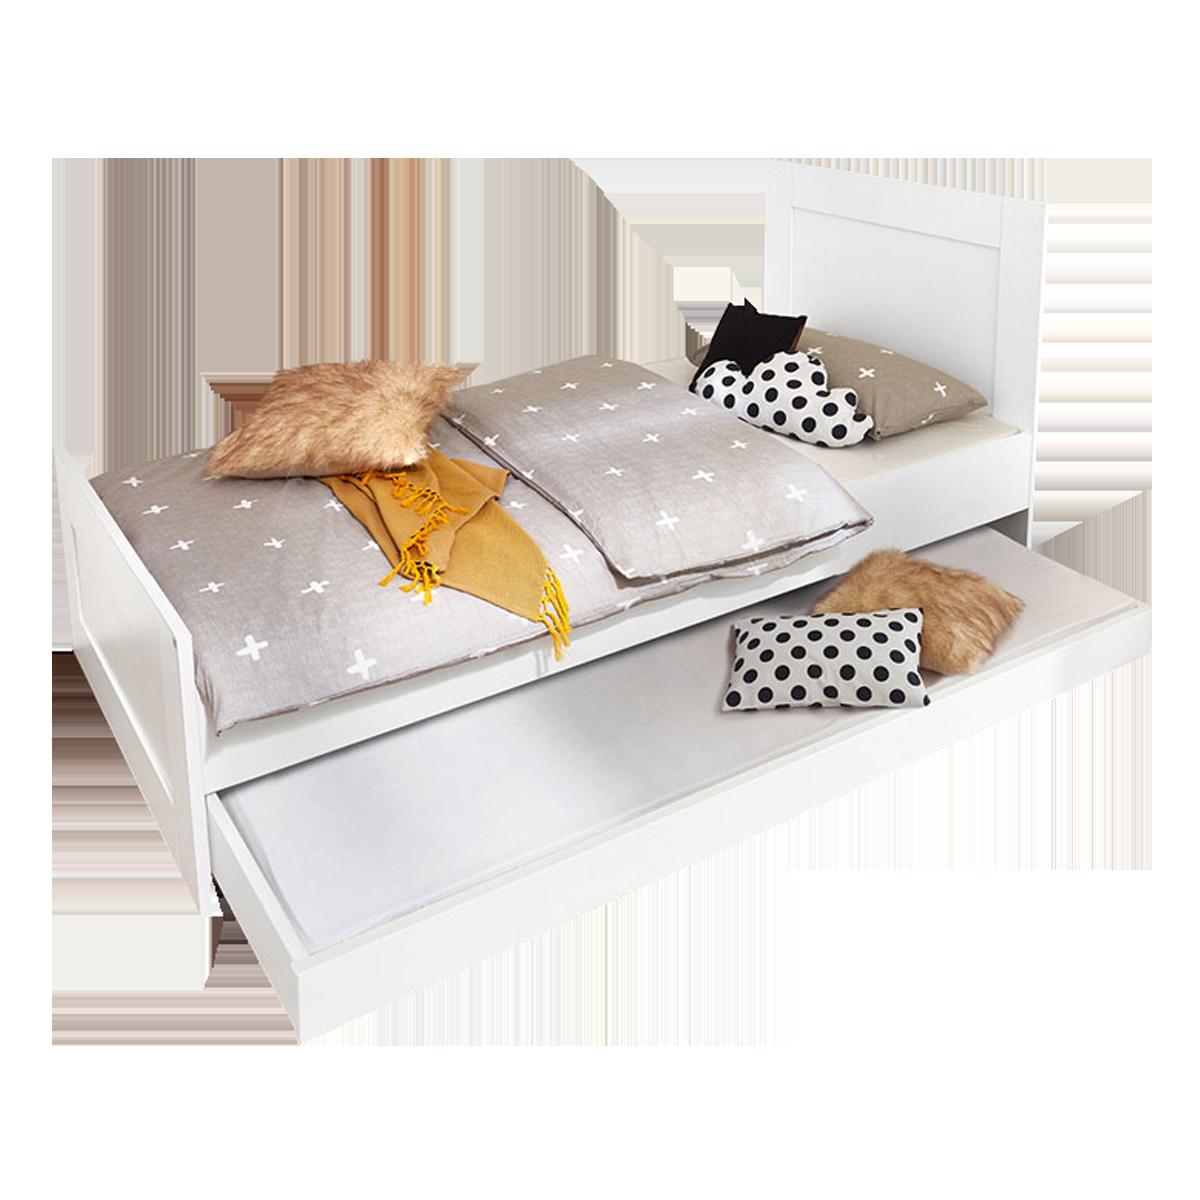 Full Size of Esstisch Ausziehbar Rund 160 Ausziehbarer Sofa Massivholz Weiß Bett Massiv Glas Ausziehbares Runder Esstische Eiche Wohnzimmer Jugendbett Ausziehbar